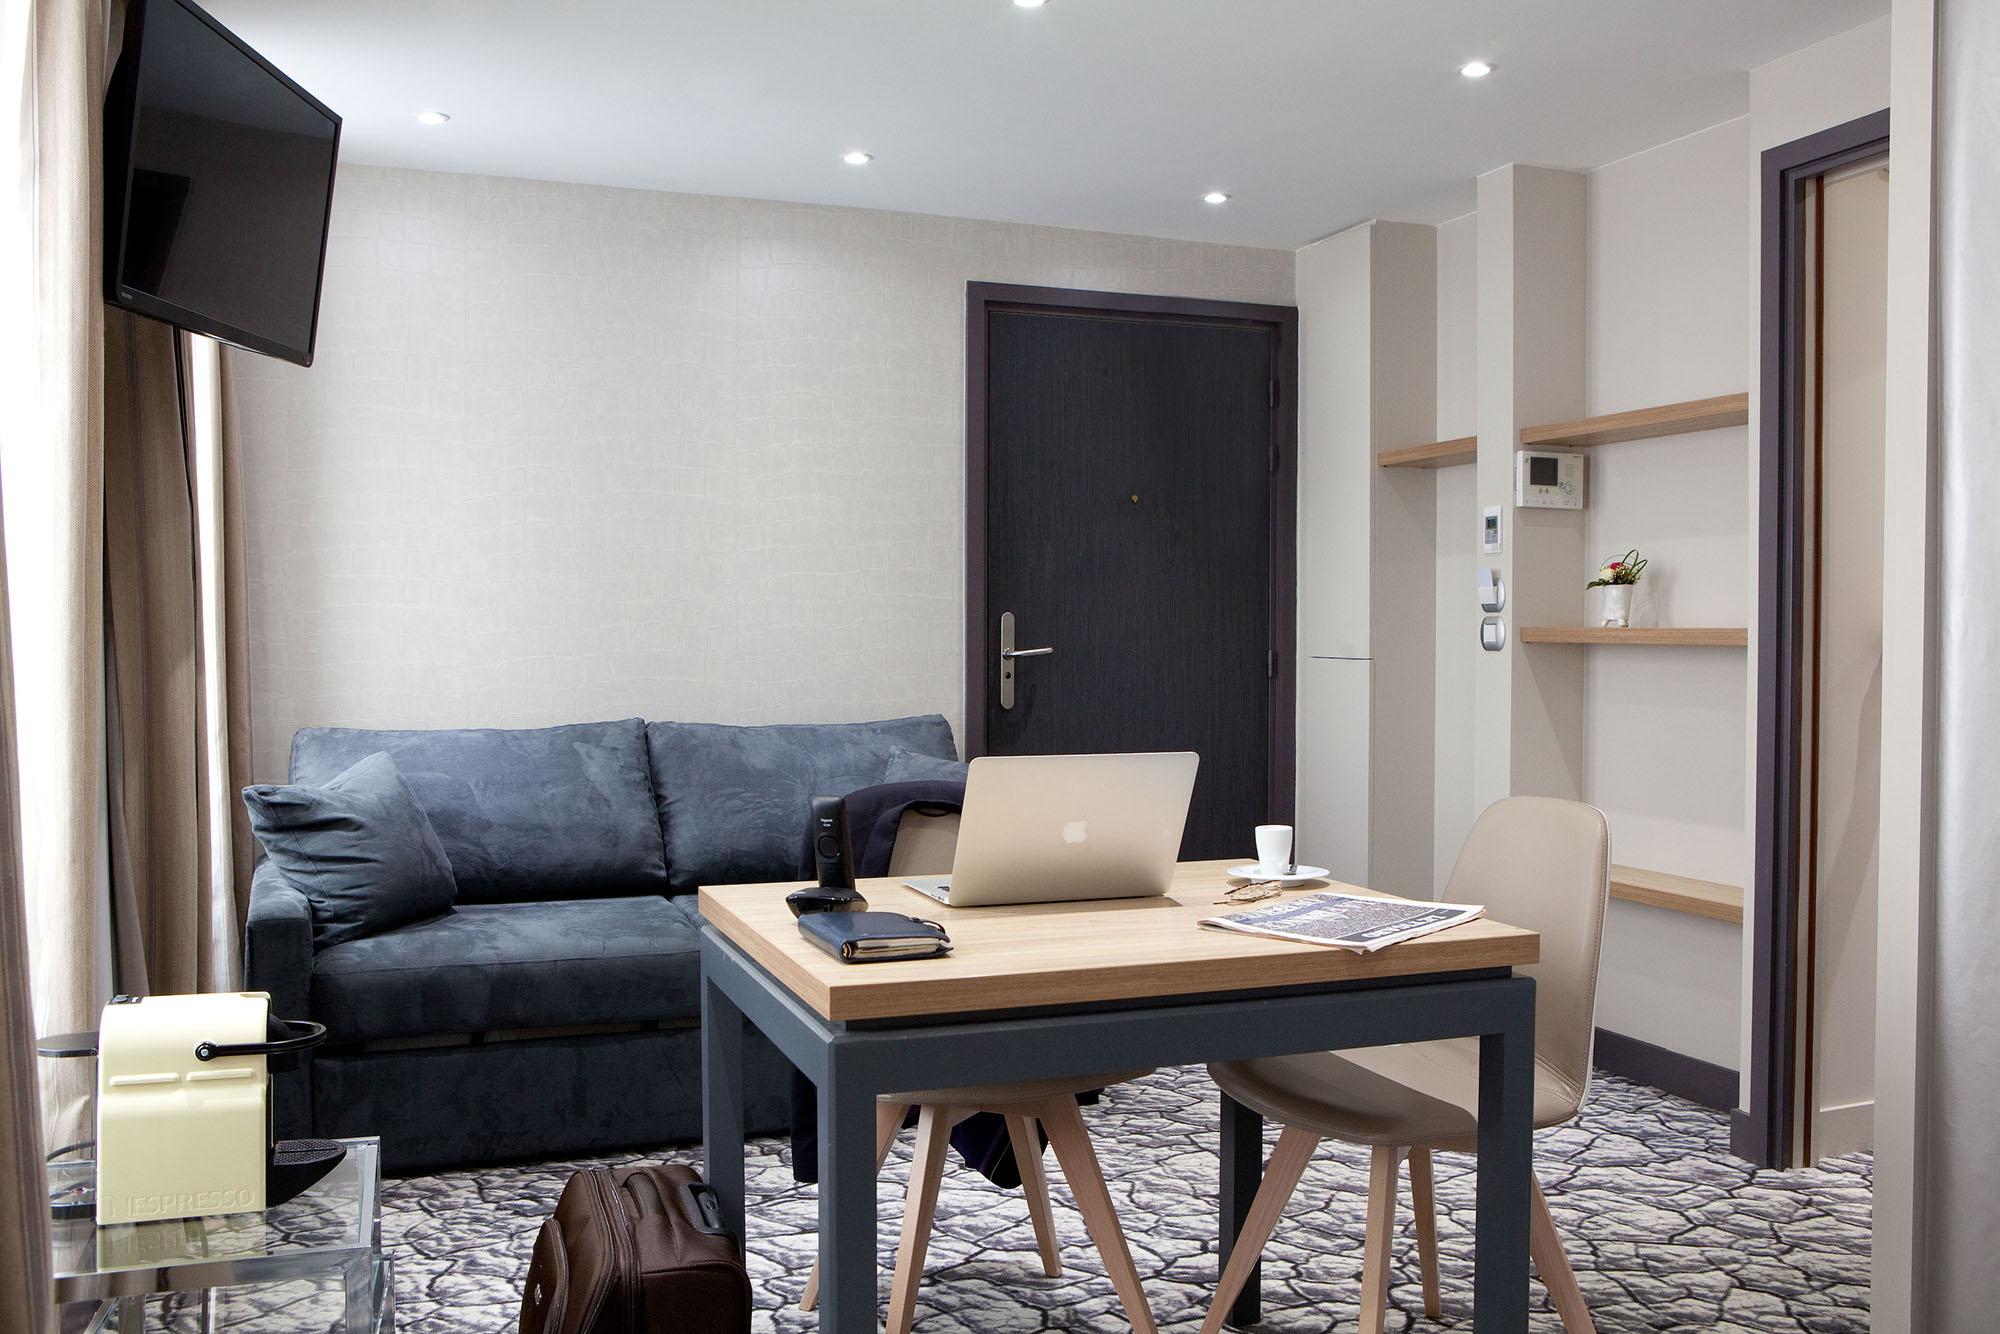 salle de r union dans une suite design paris 9 me. Black Bedroom Furniture Sets. Home Design Ideas